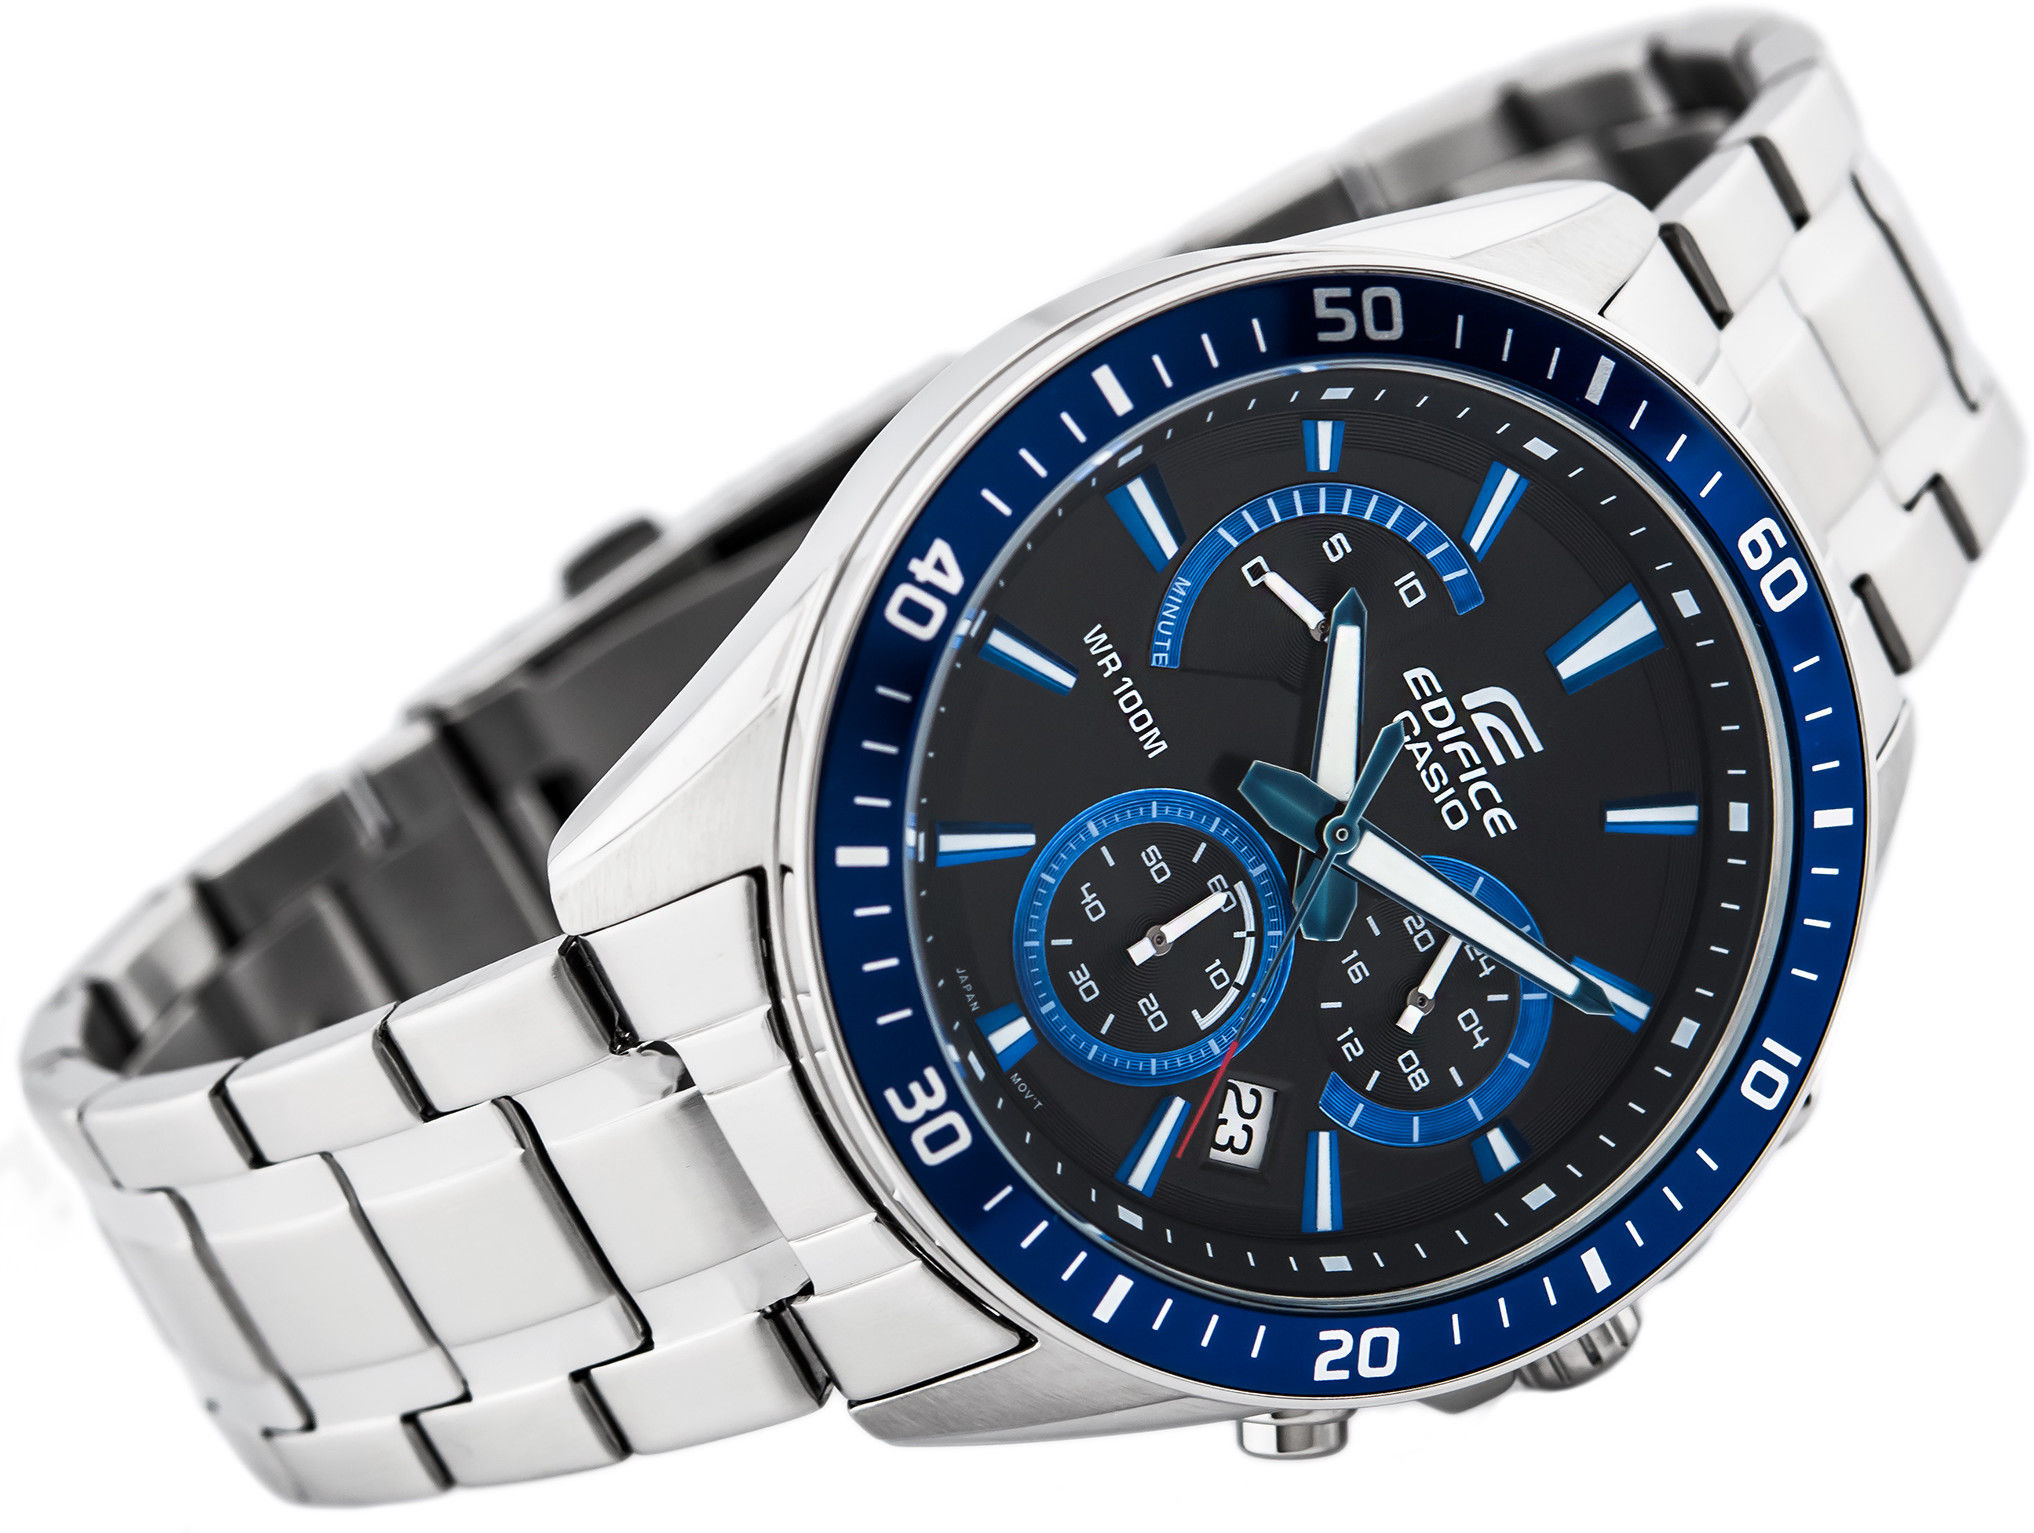 Zegarek Casio EFR-552D-1A2VUEF - CENA DO NEGOCJACJI - DOSTAWA DHL GRATIS, KUPUJ BEZ RYZYKA - 100 dni na zwrot, możliwość wygrawerowania dowolnego tekstu.